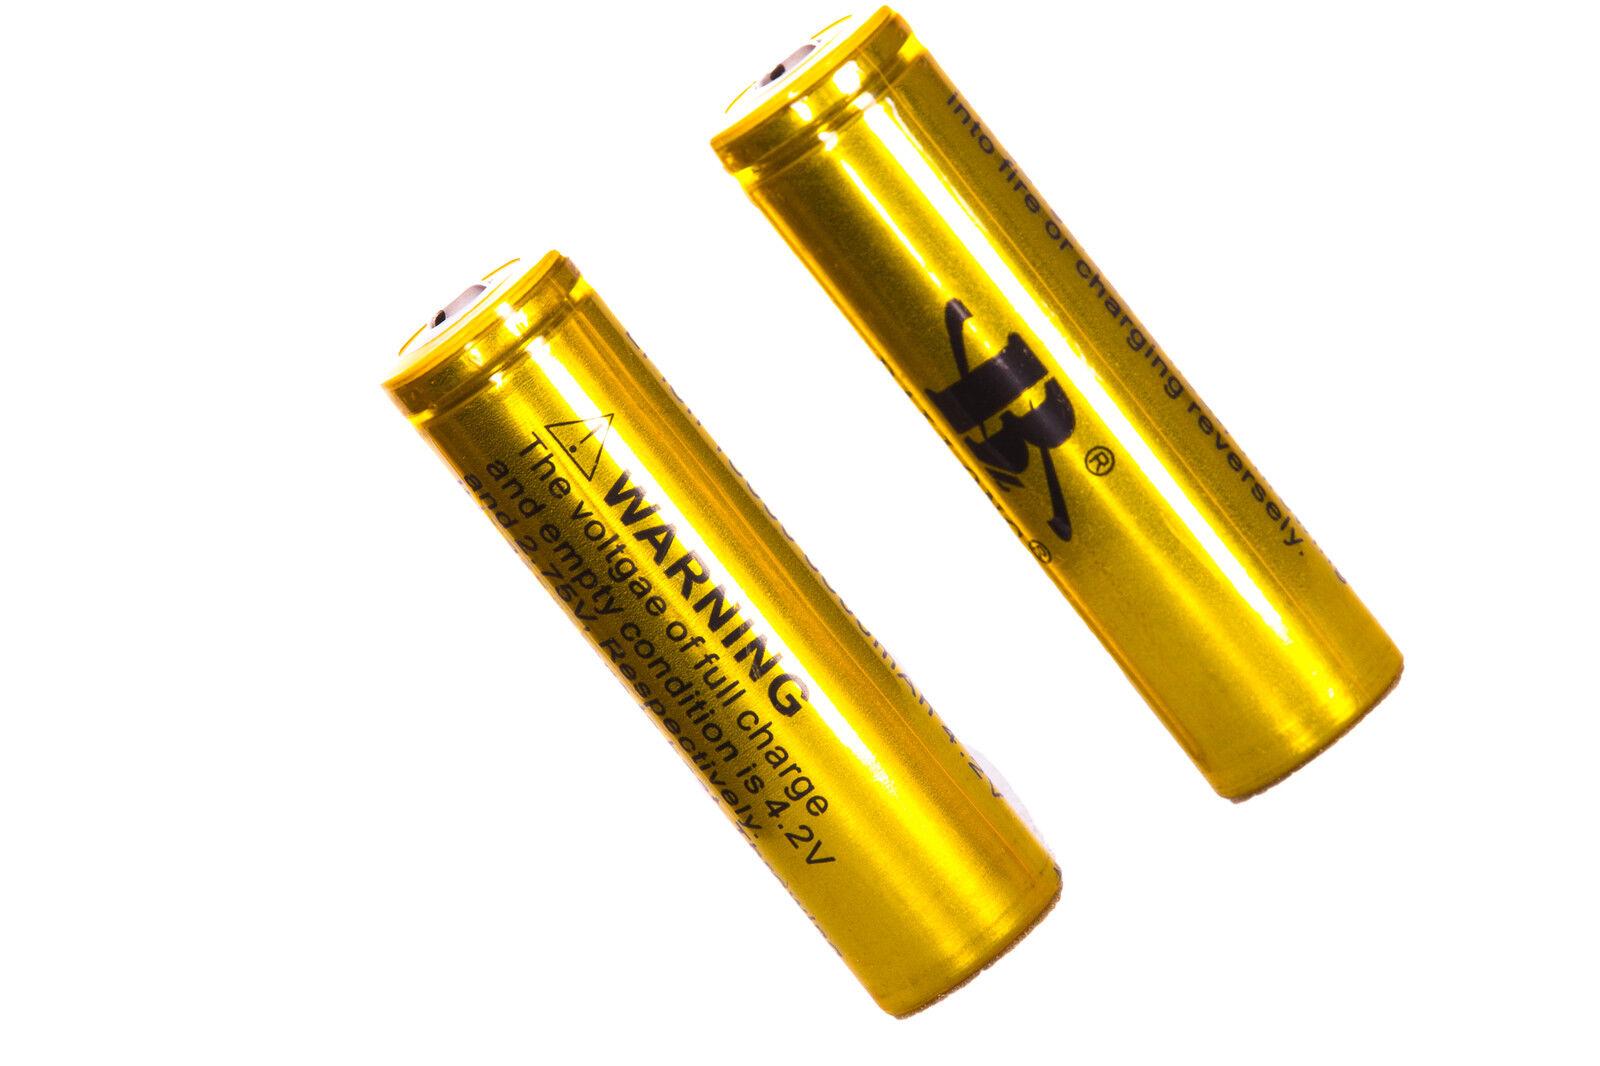 T6 Taschenlampe mit CREE LED Bailong BL-8668 Bis Lumen100.000 Lumen mit Taschenlampe 2x8800mAh 9183dc